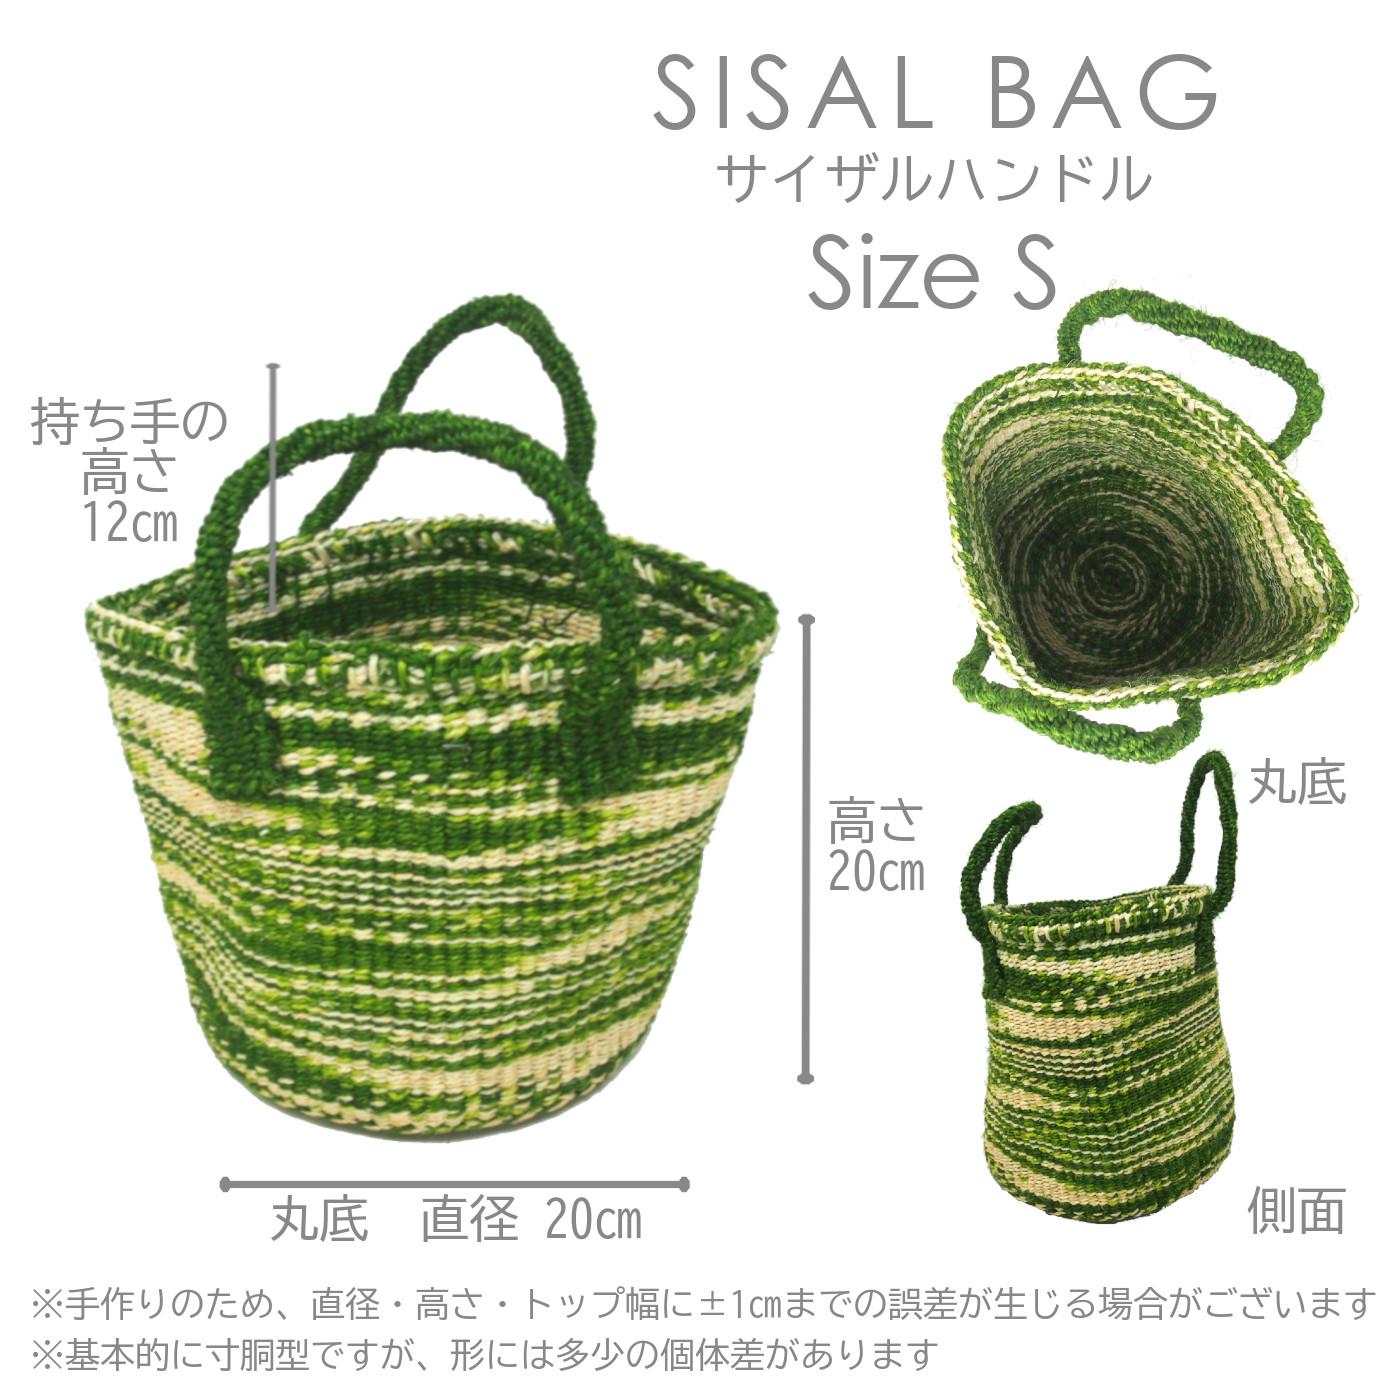 サイザルバッグ Sサイズ マーブル ライトグリーン・ナチュラル